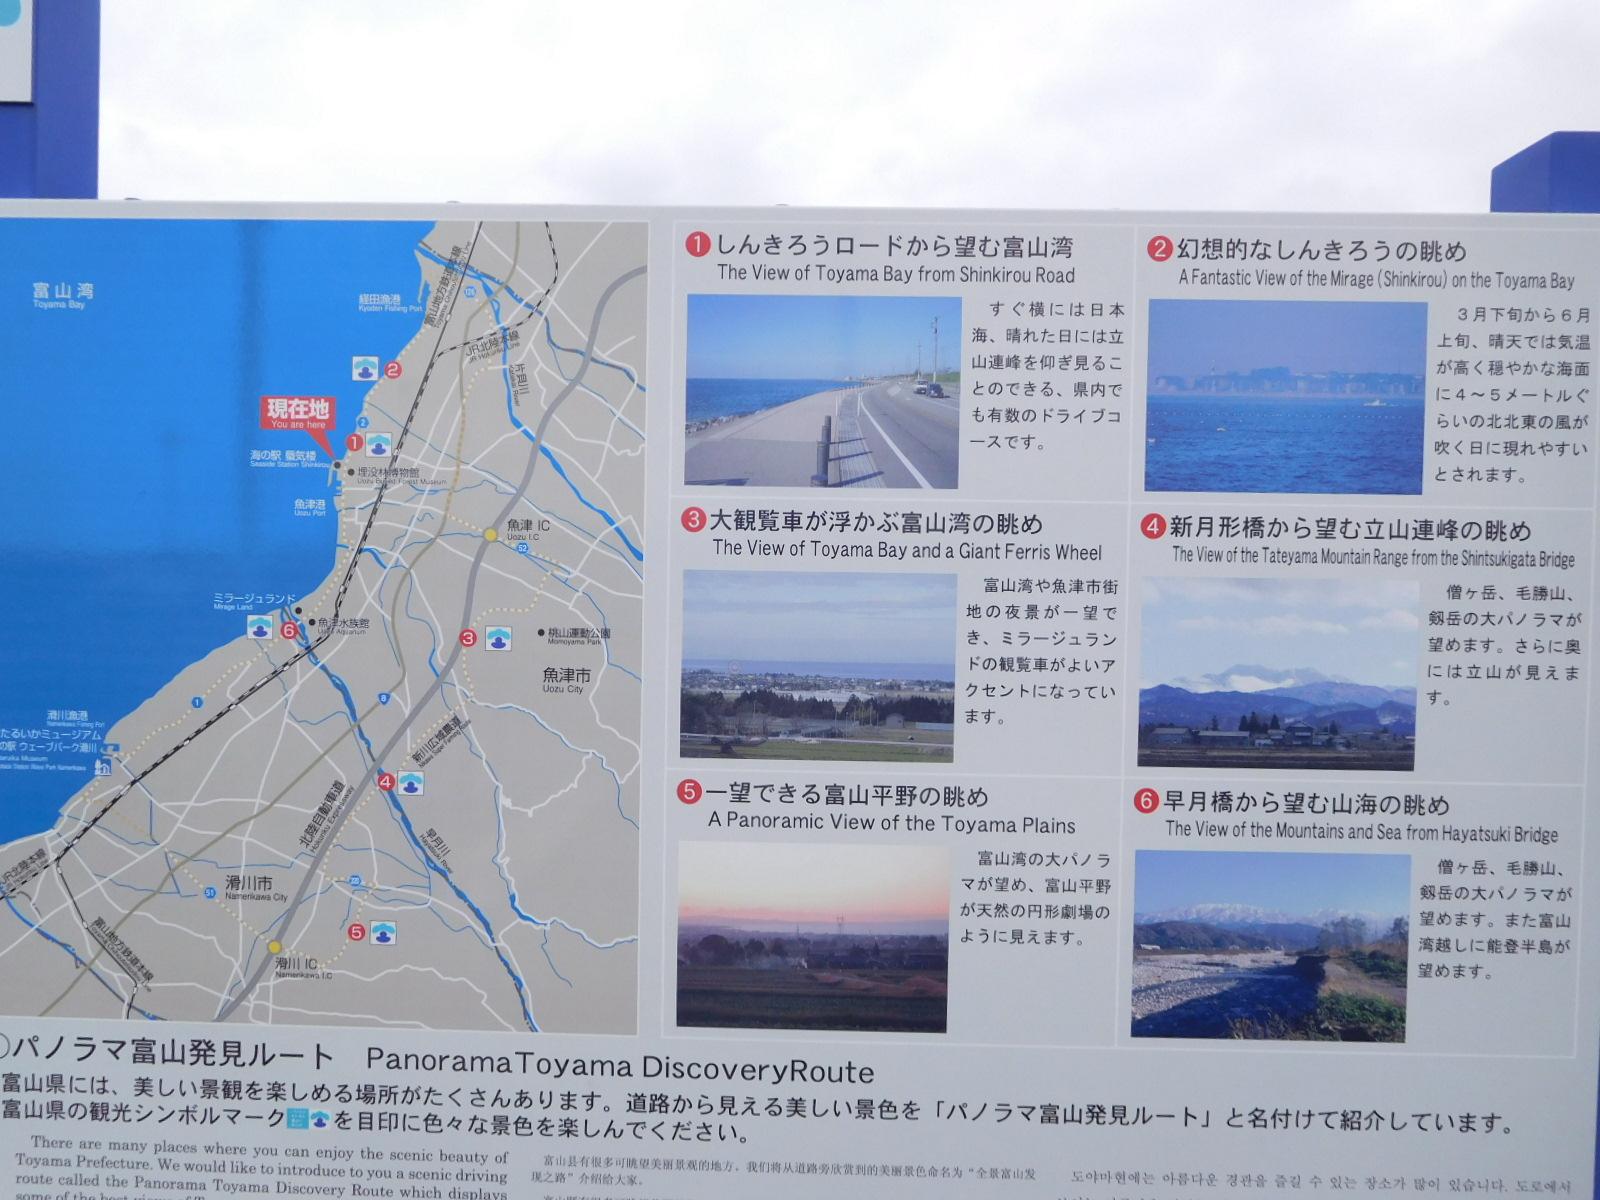 DSCN0997.jpg